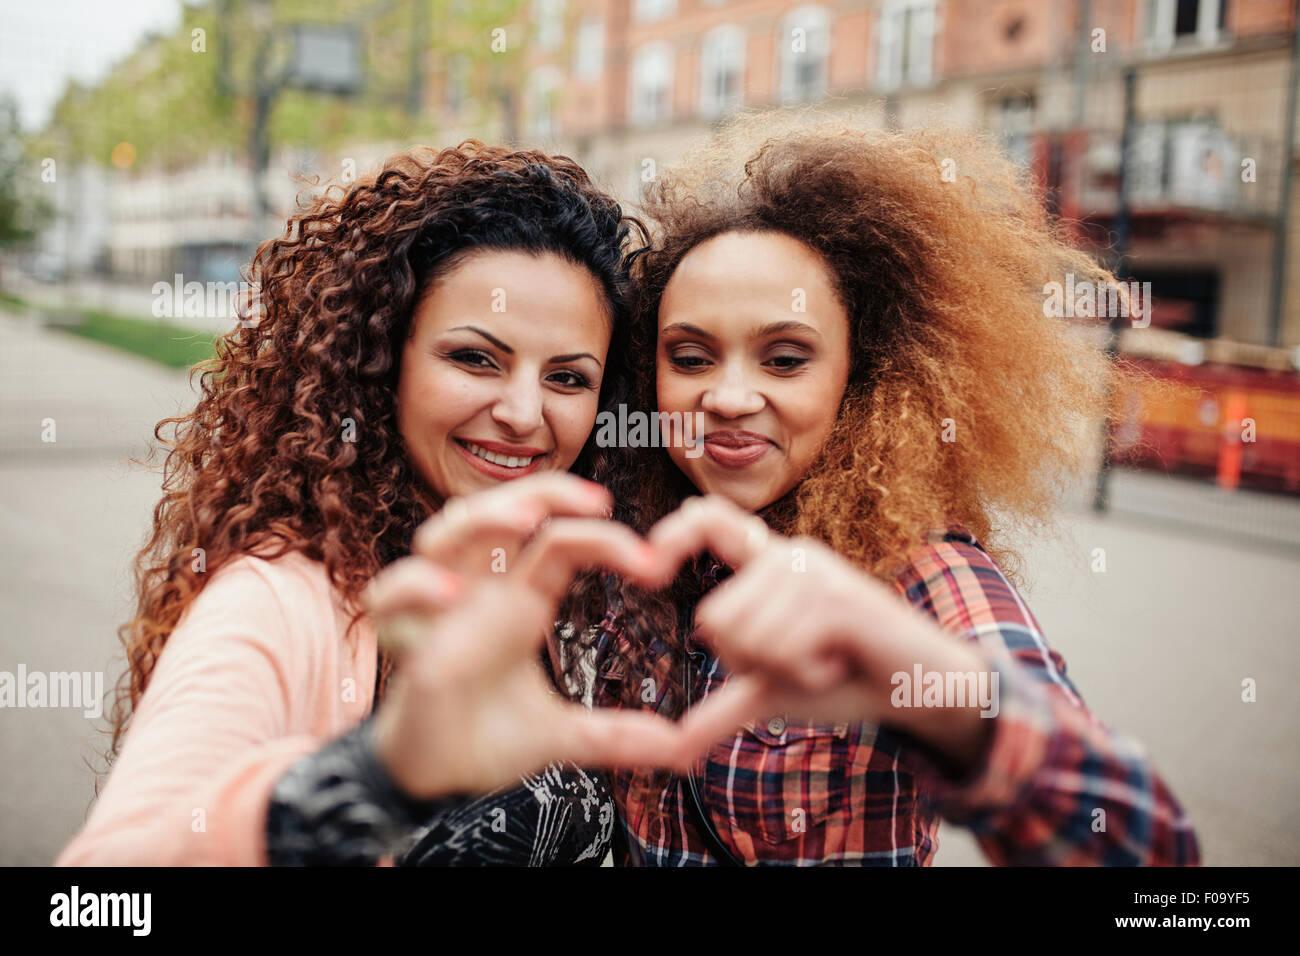 Schöne junge Frauen machen Herzform mit Fingern. Zwei Frauen im Freien auf Stadtstraße zusammenstehen. Stockbild